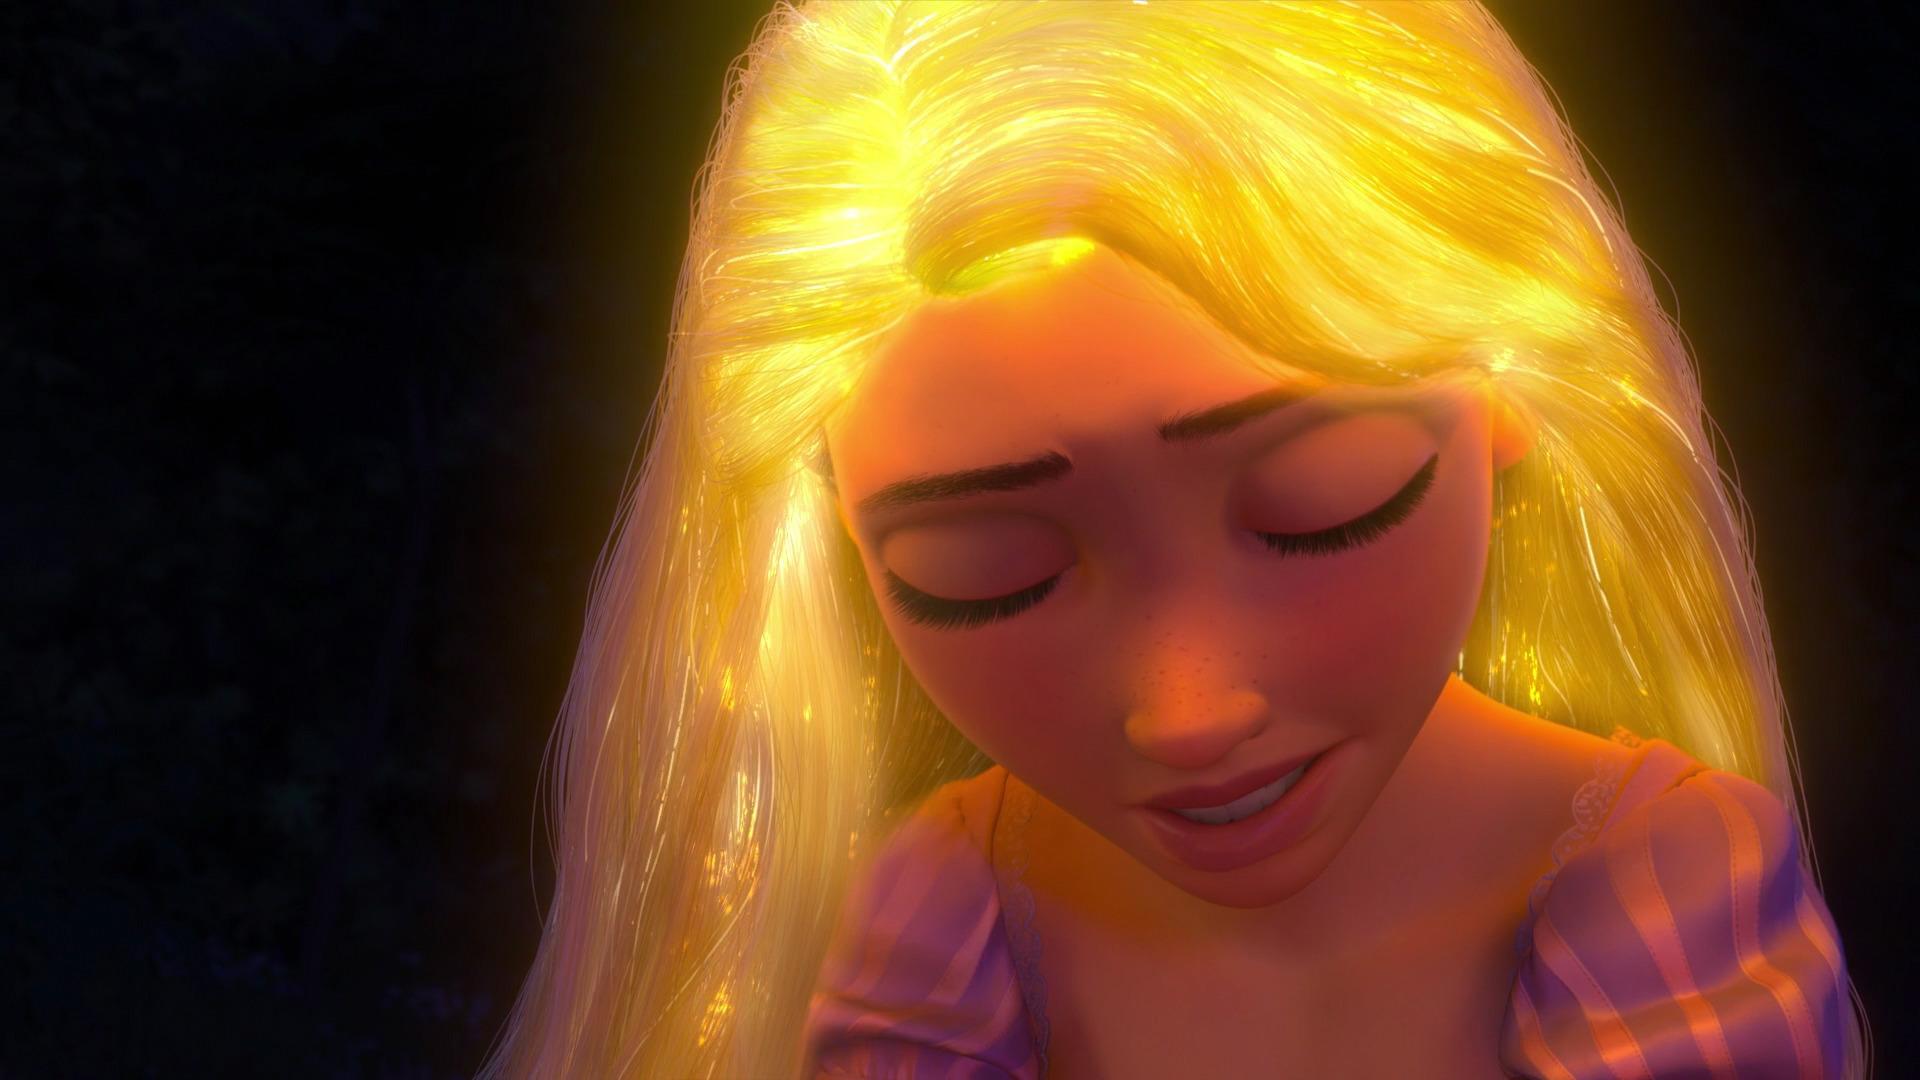 Công chúa tóc mây - Healing Incantation